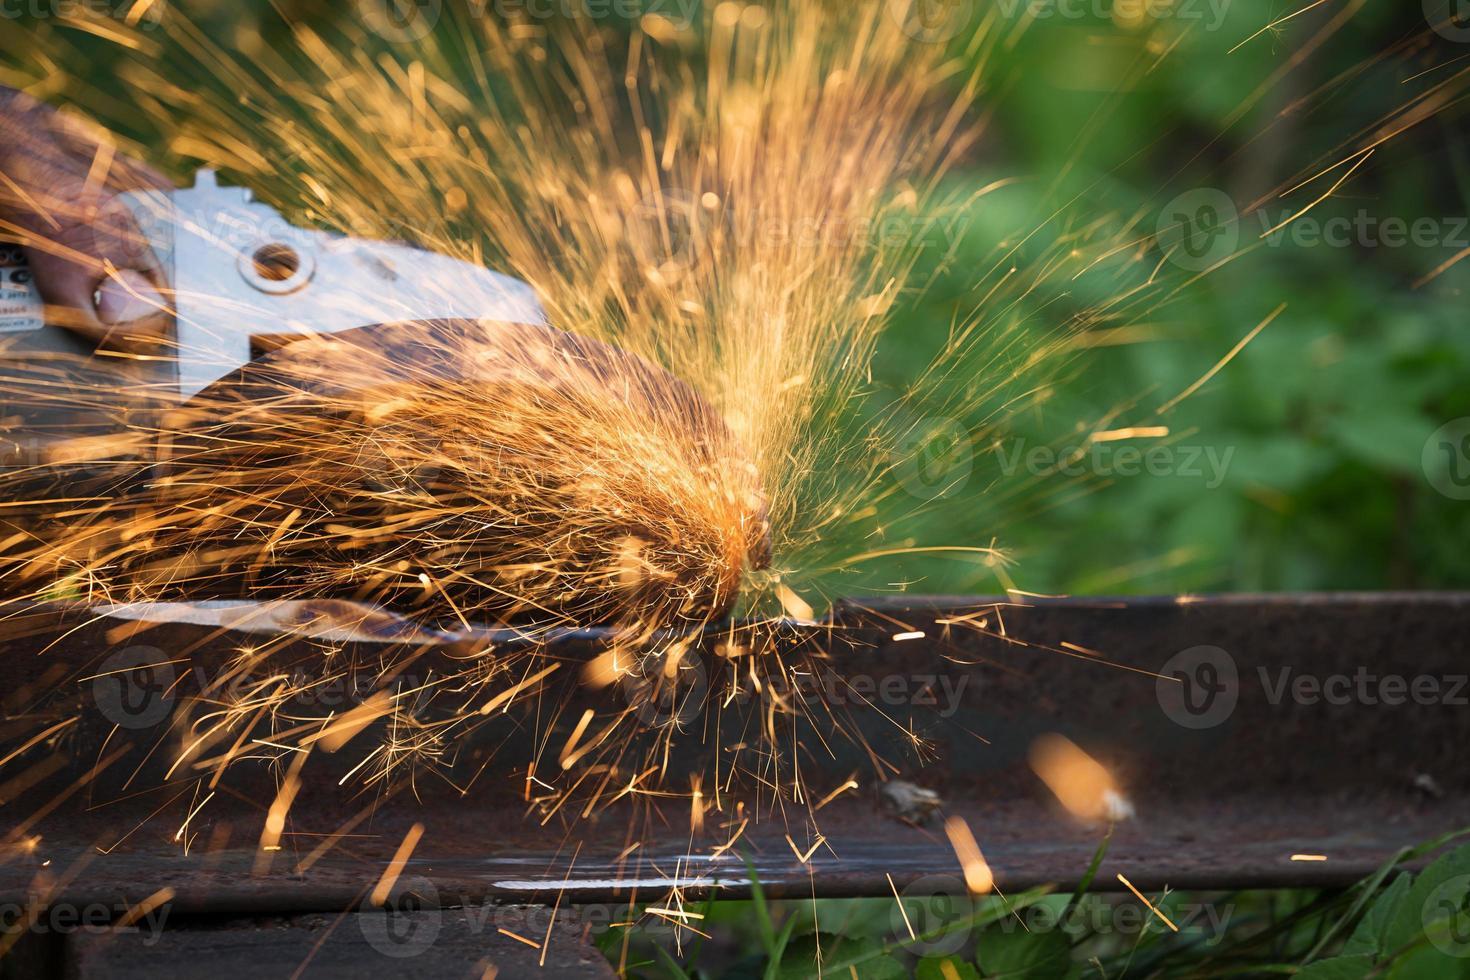 affilatura e taglio del ferro mediante macchina a disco abrasivo foto